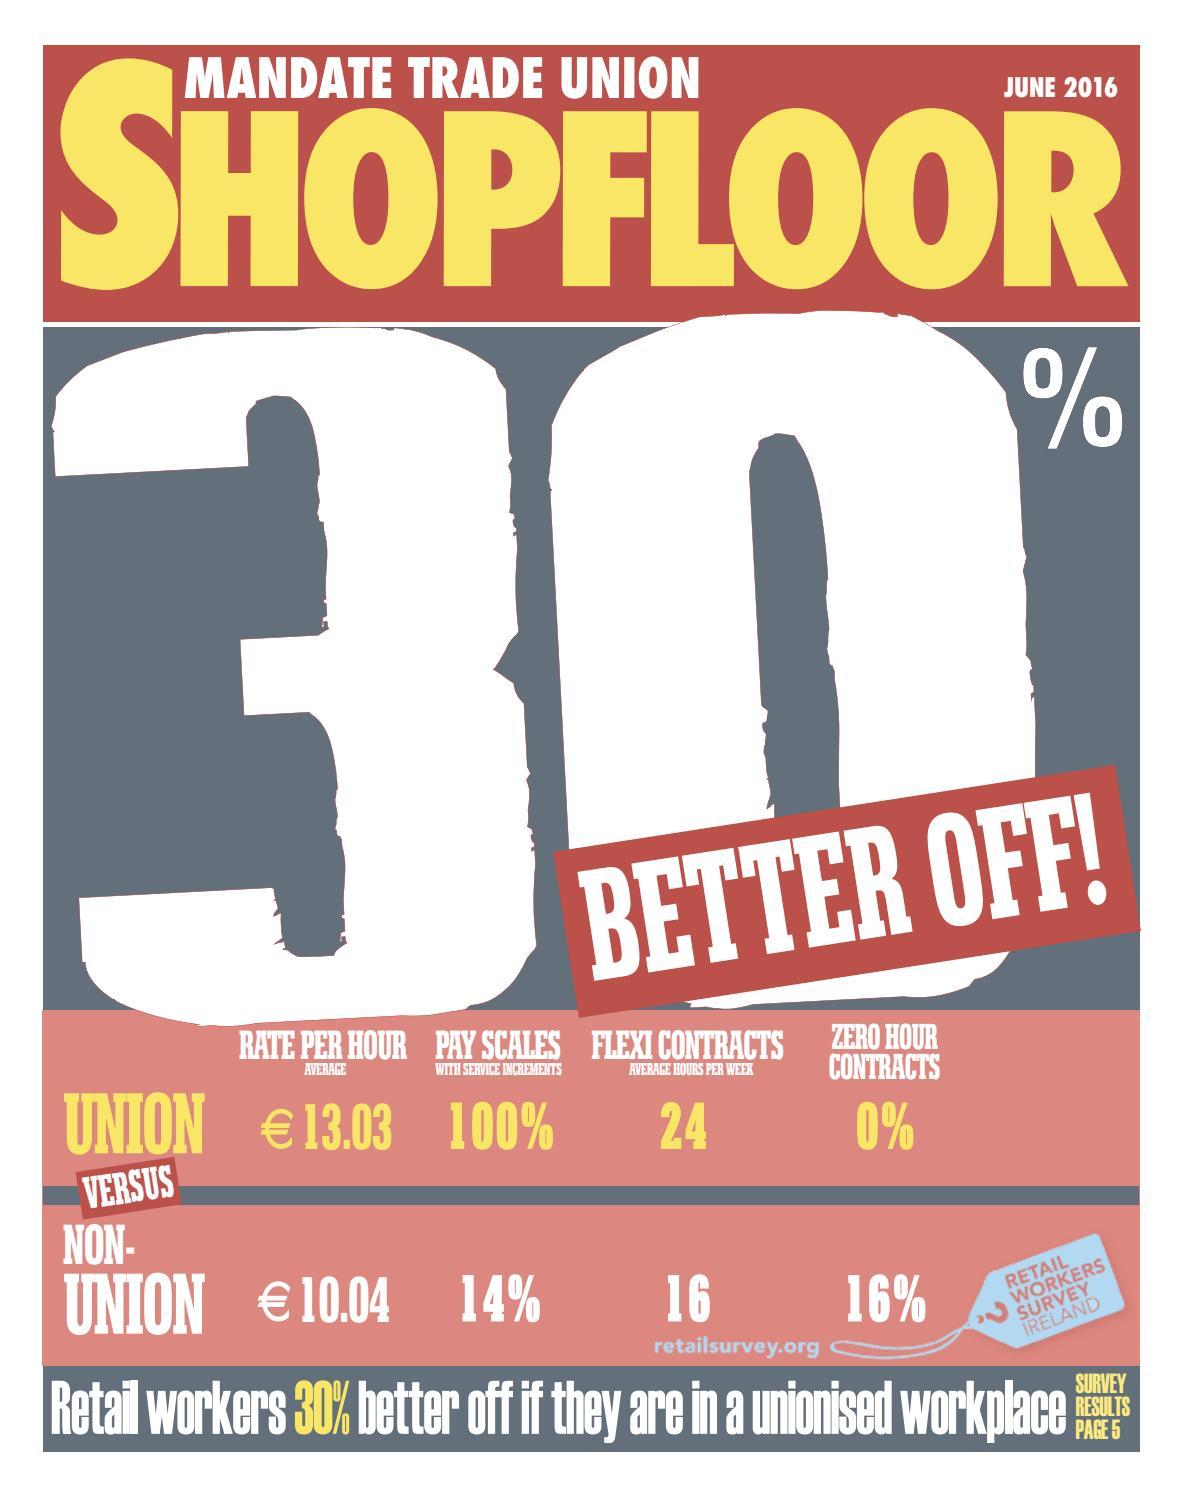 Shopfloor June 2016 by Mandate - issuu